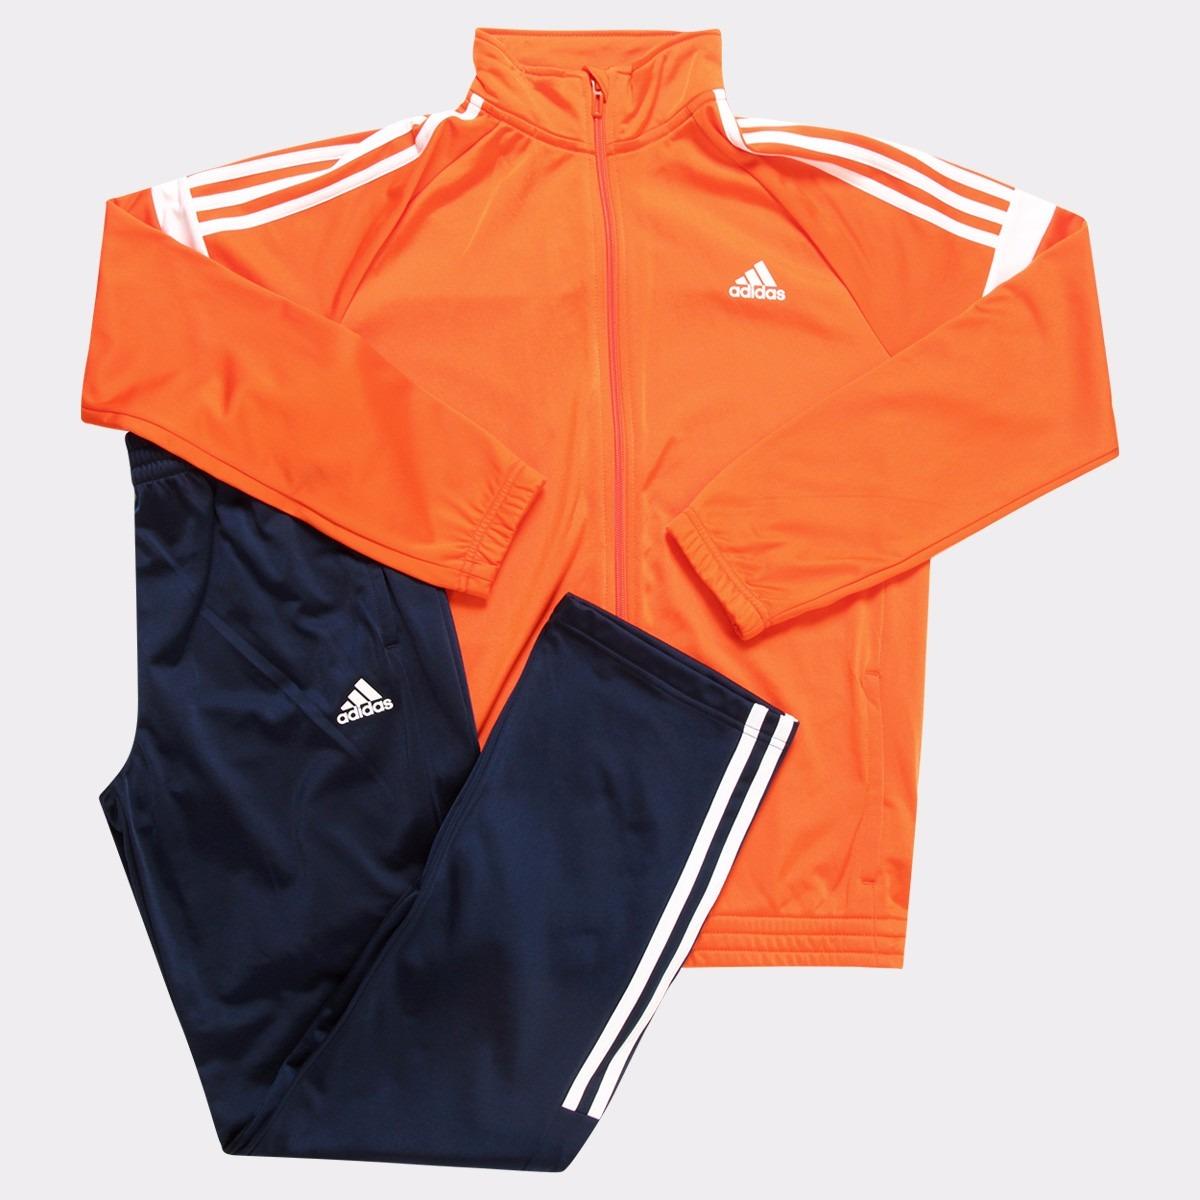 Bolsa1 Talle Adidas Original Niño 9 En Conjunto 299 10 Nuevos N0mw8n